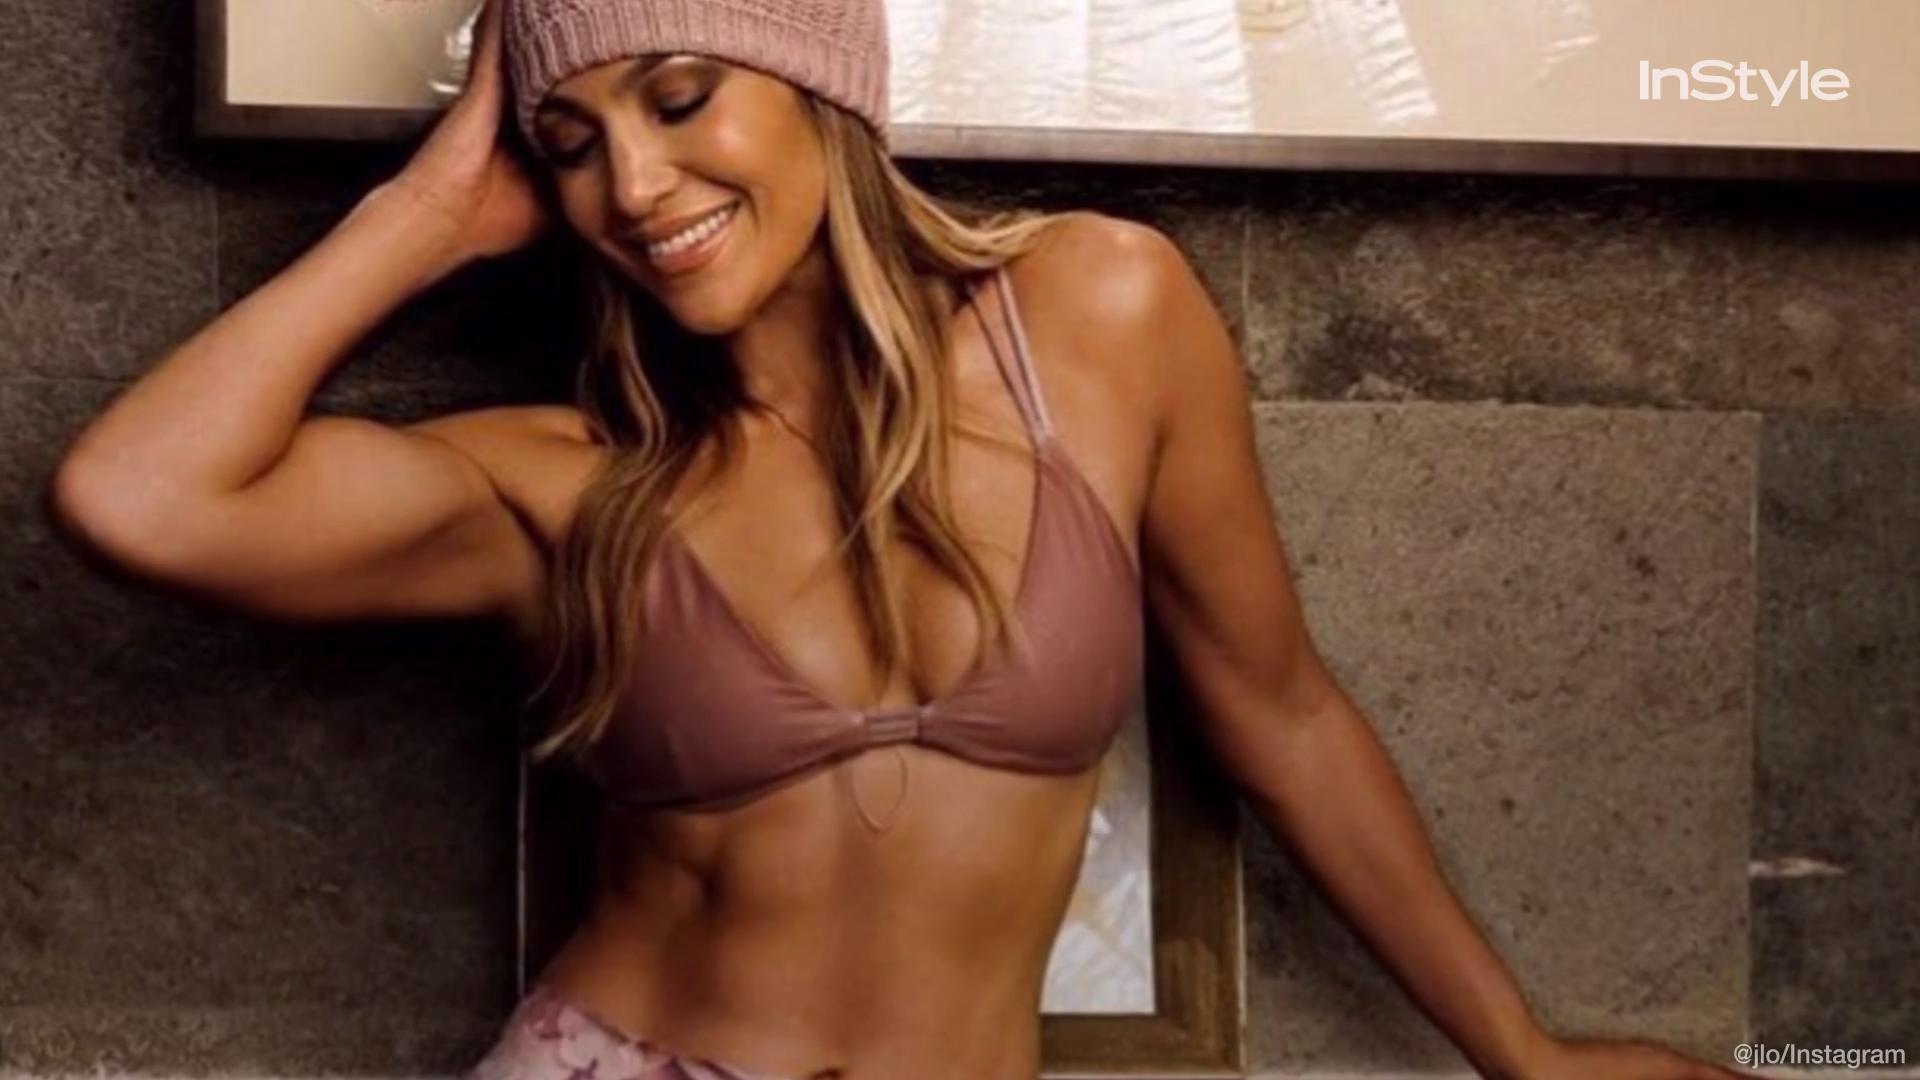 Jennife Lopez IG